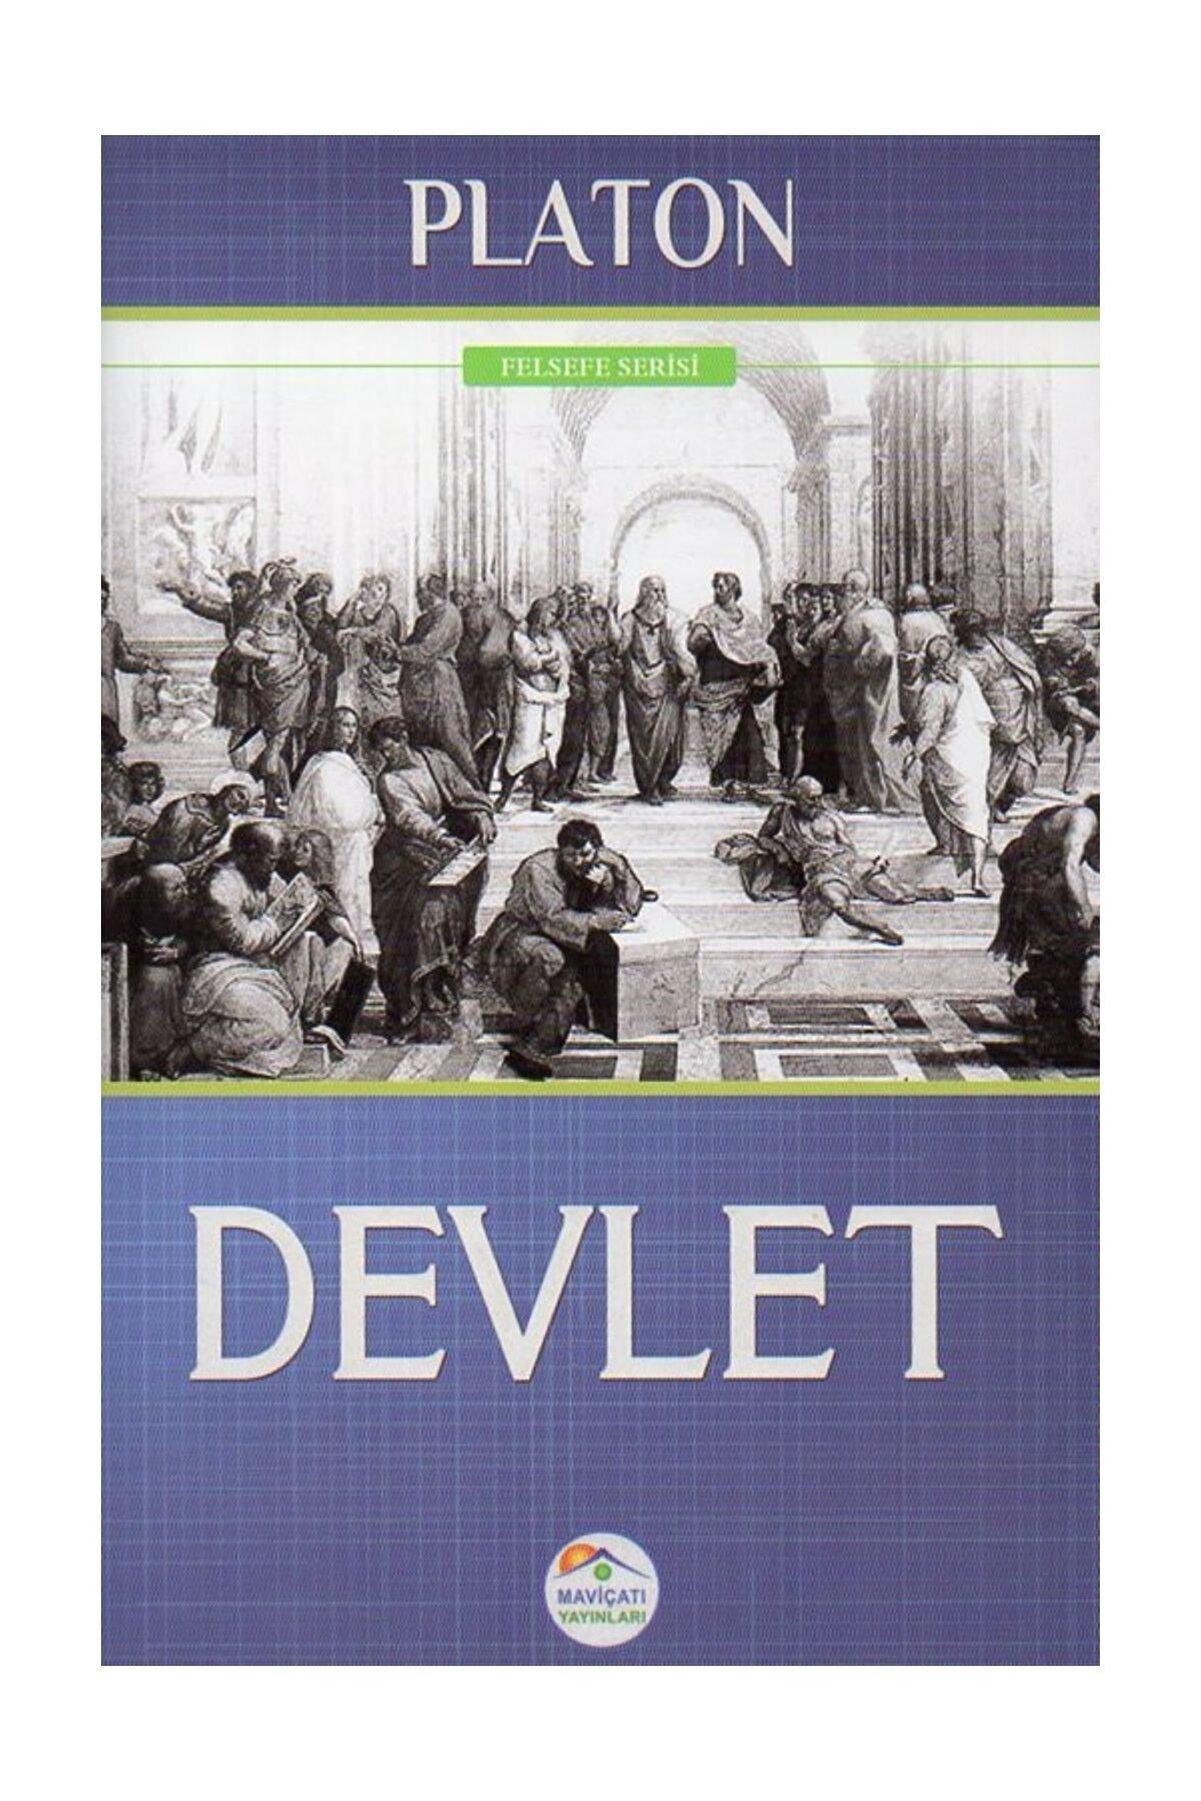 Mavi Çatı Yayınları Devlet Platon (Eflatun)